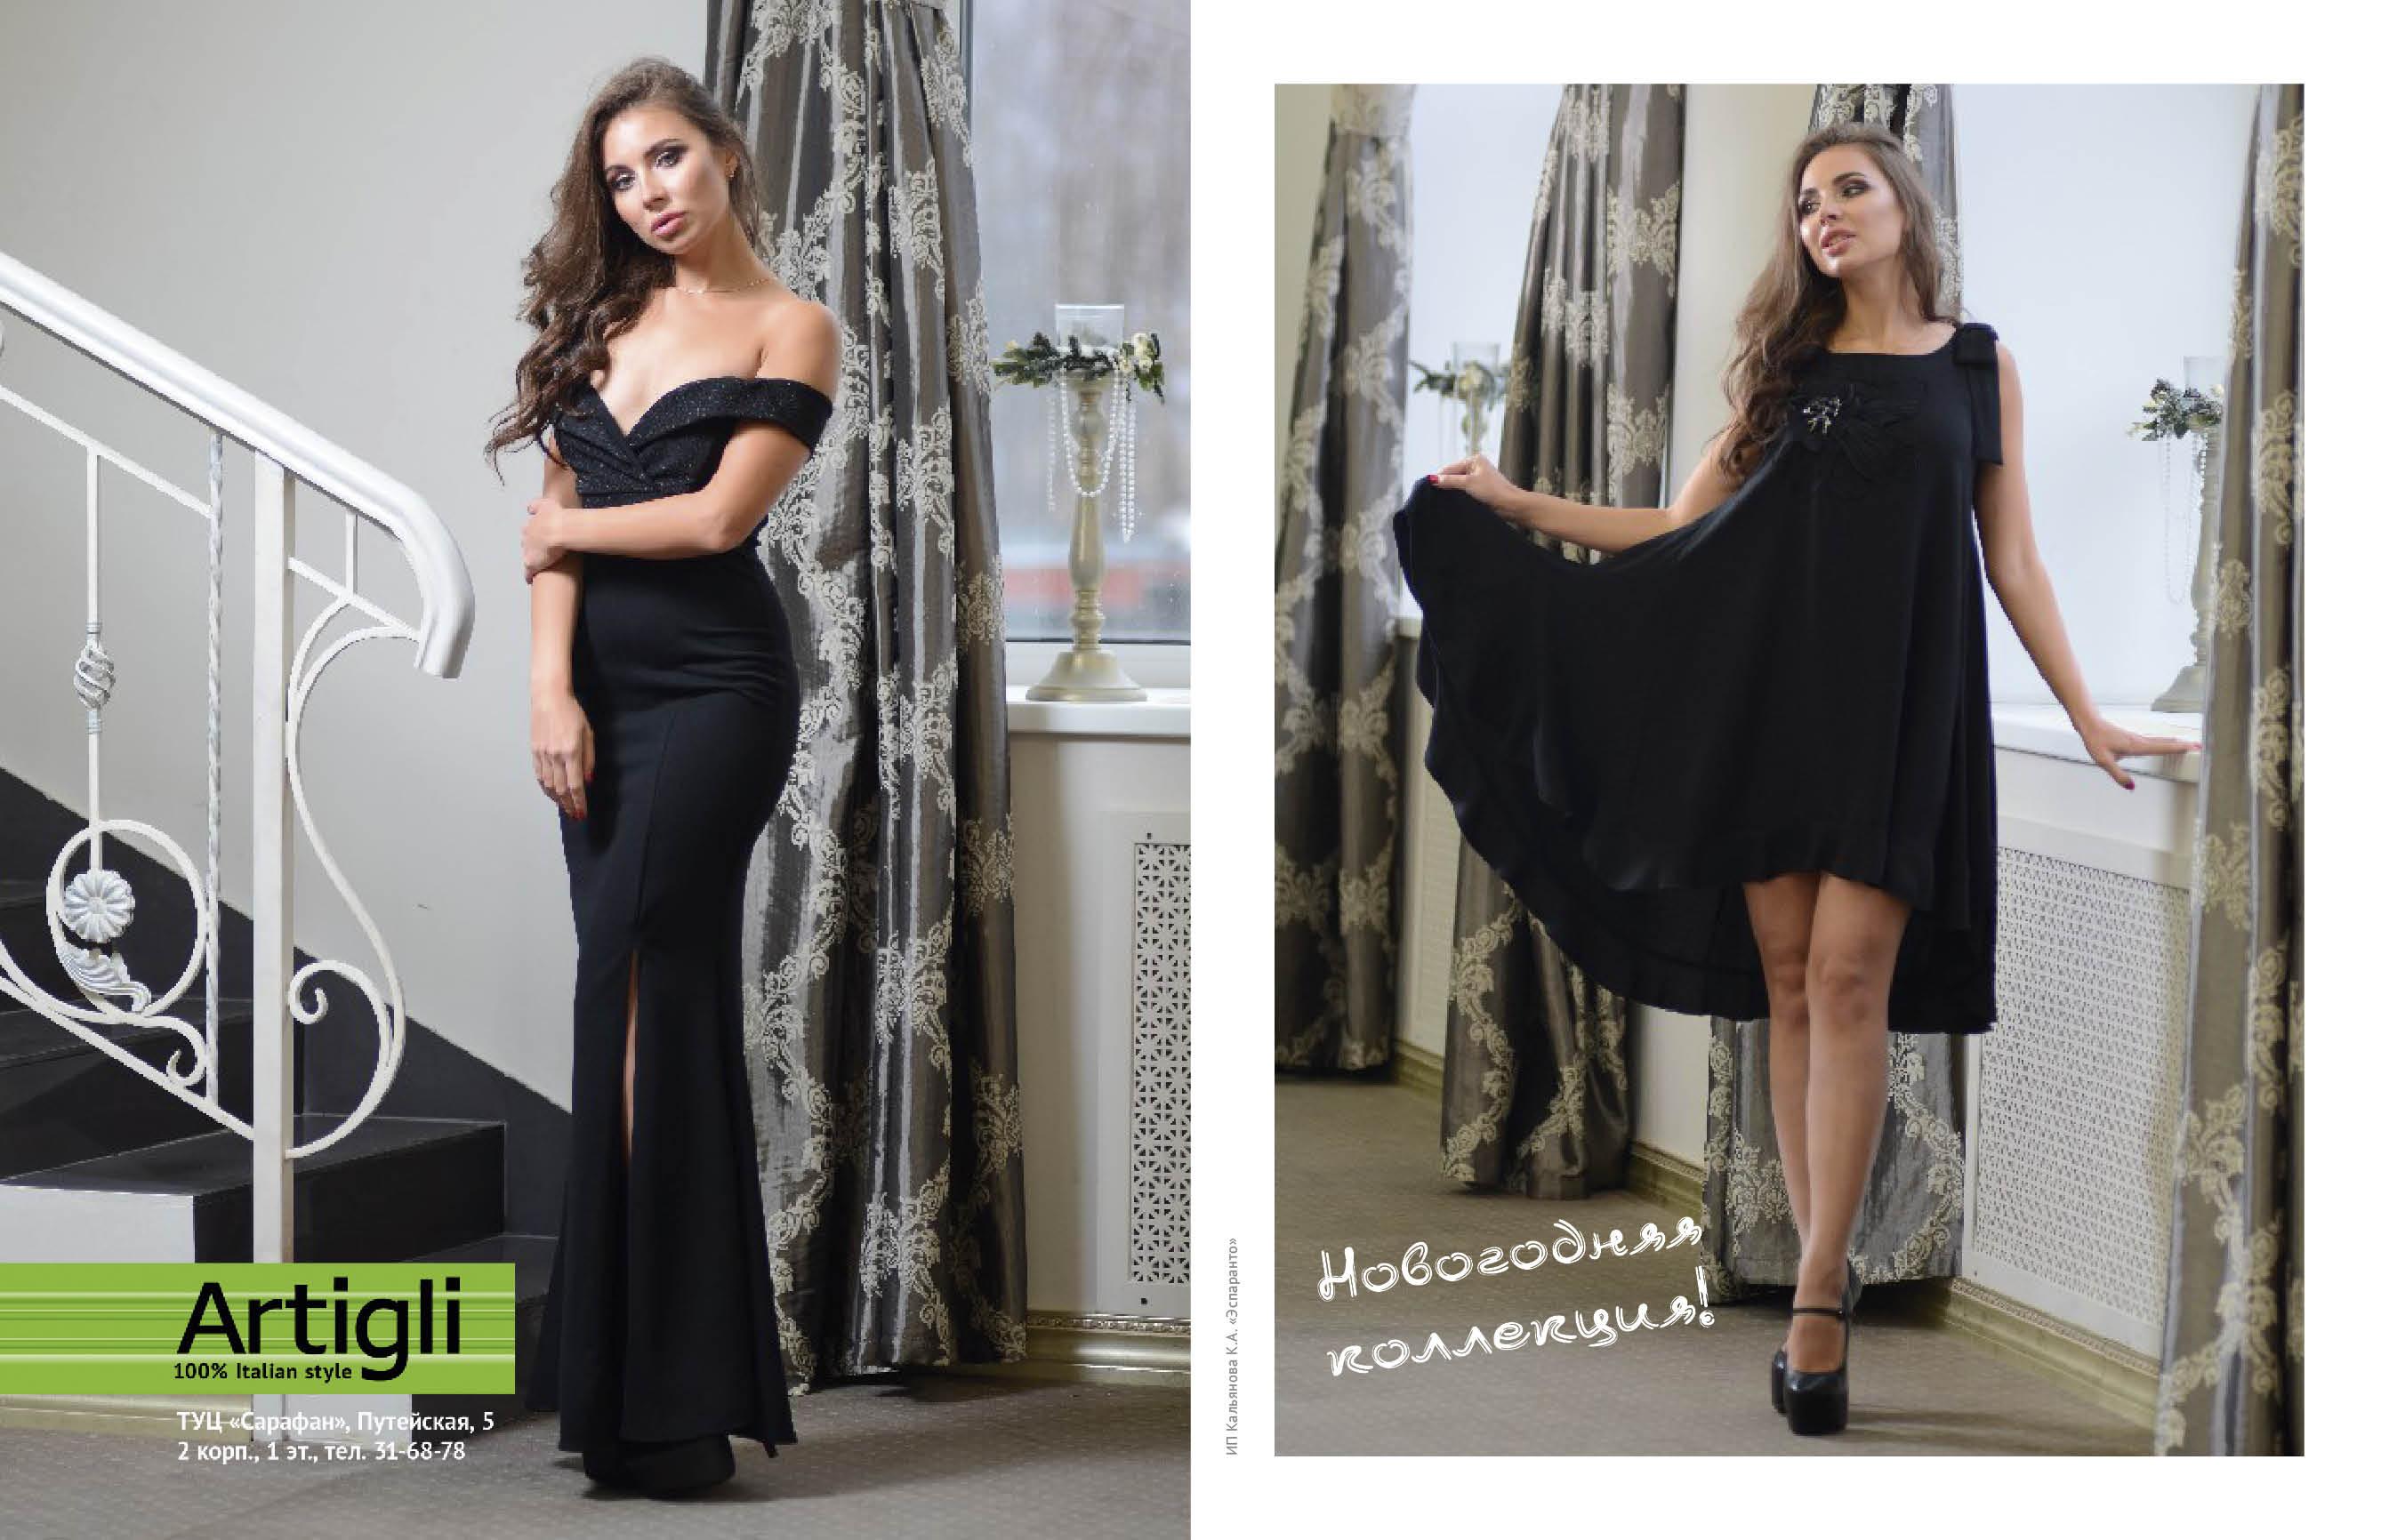 Стопроцентное итальянское качество не оставляет возможности придраться   платья, пошитые с дизайнерской изюминкой и любовью к женской красоте, ... 94bbfd6d929